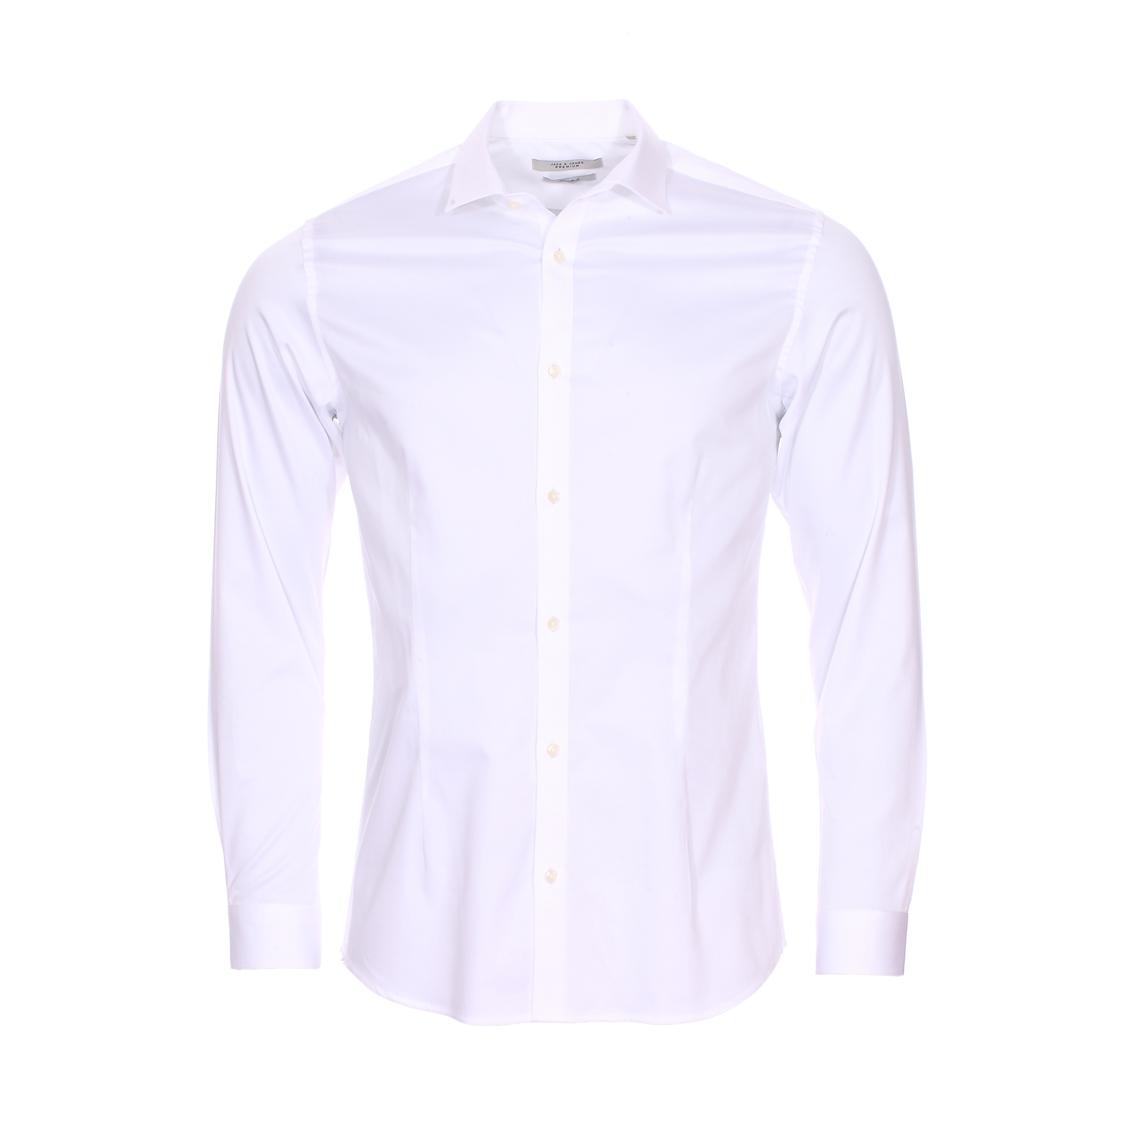 Chemise cintrée  premium parma en coton stretch blanc